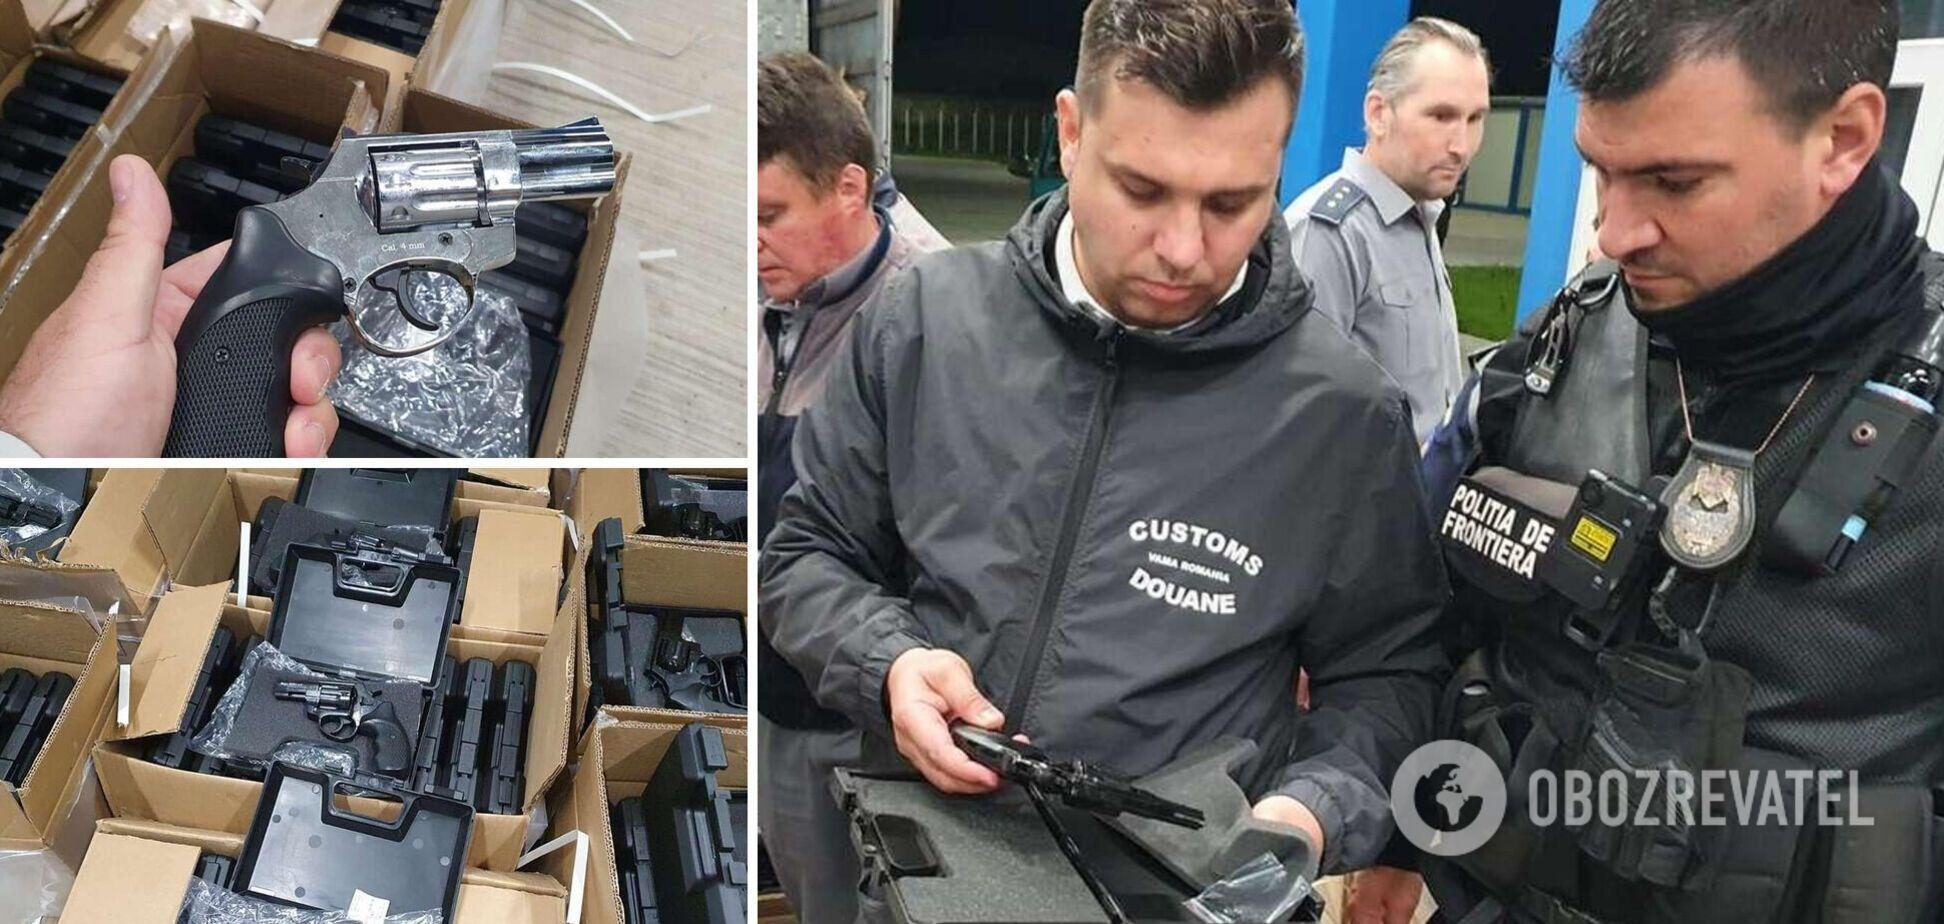 Оружие было спрятано в грузовике с мебелью